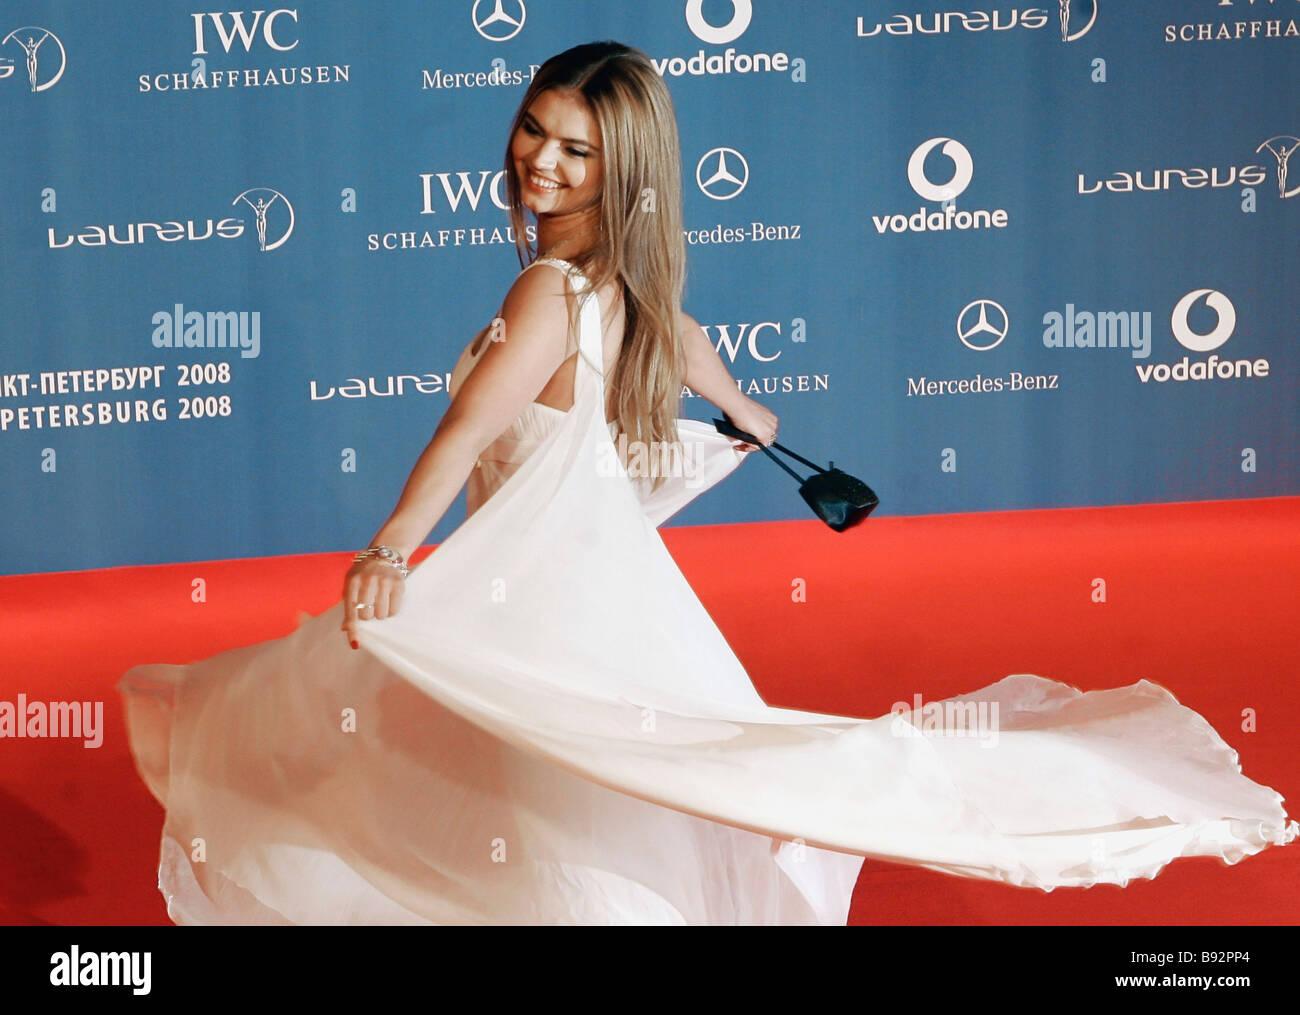 Gymnast Alina Kabayeva before the Ninth Laureus World Sports Awards 2008 - Stock Image